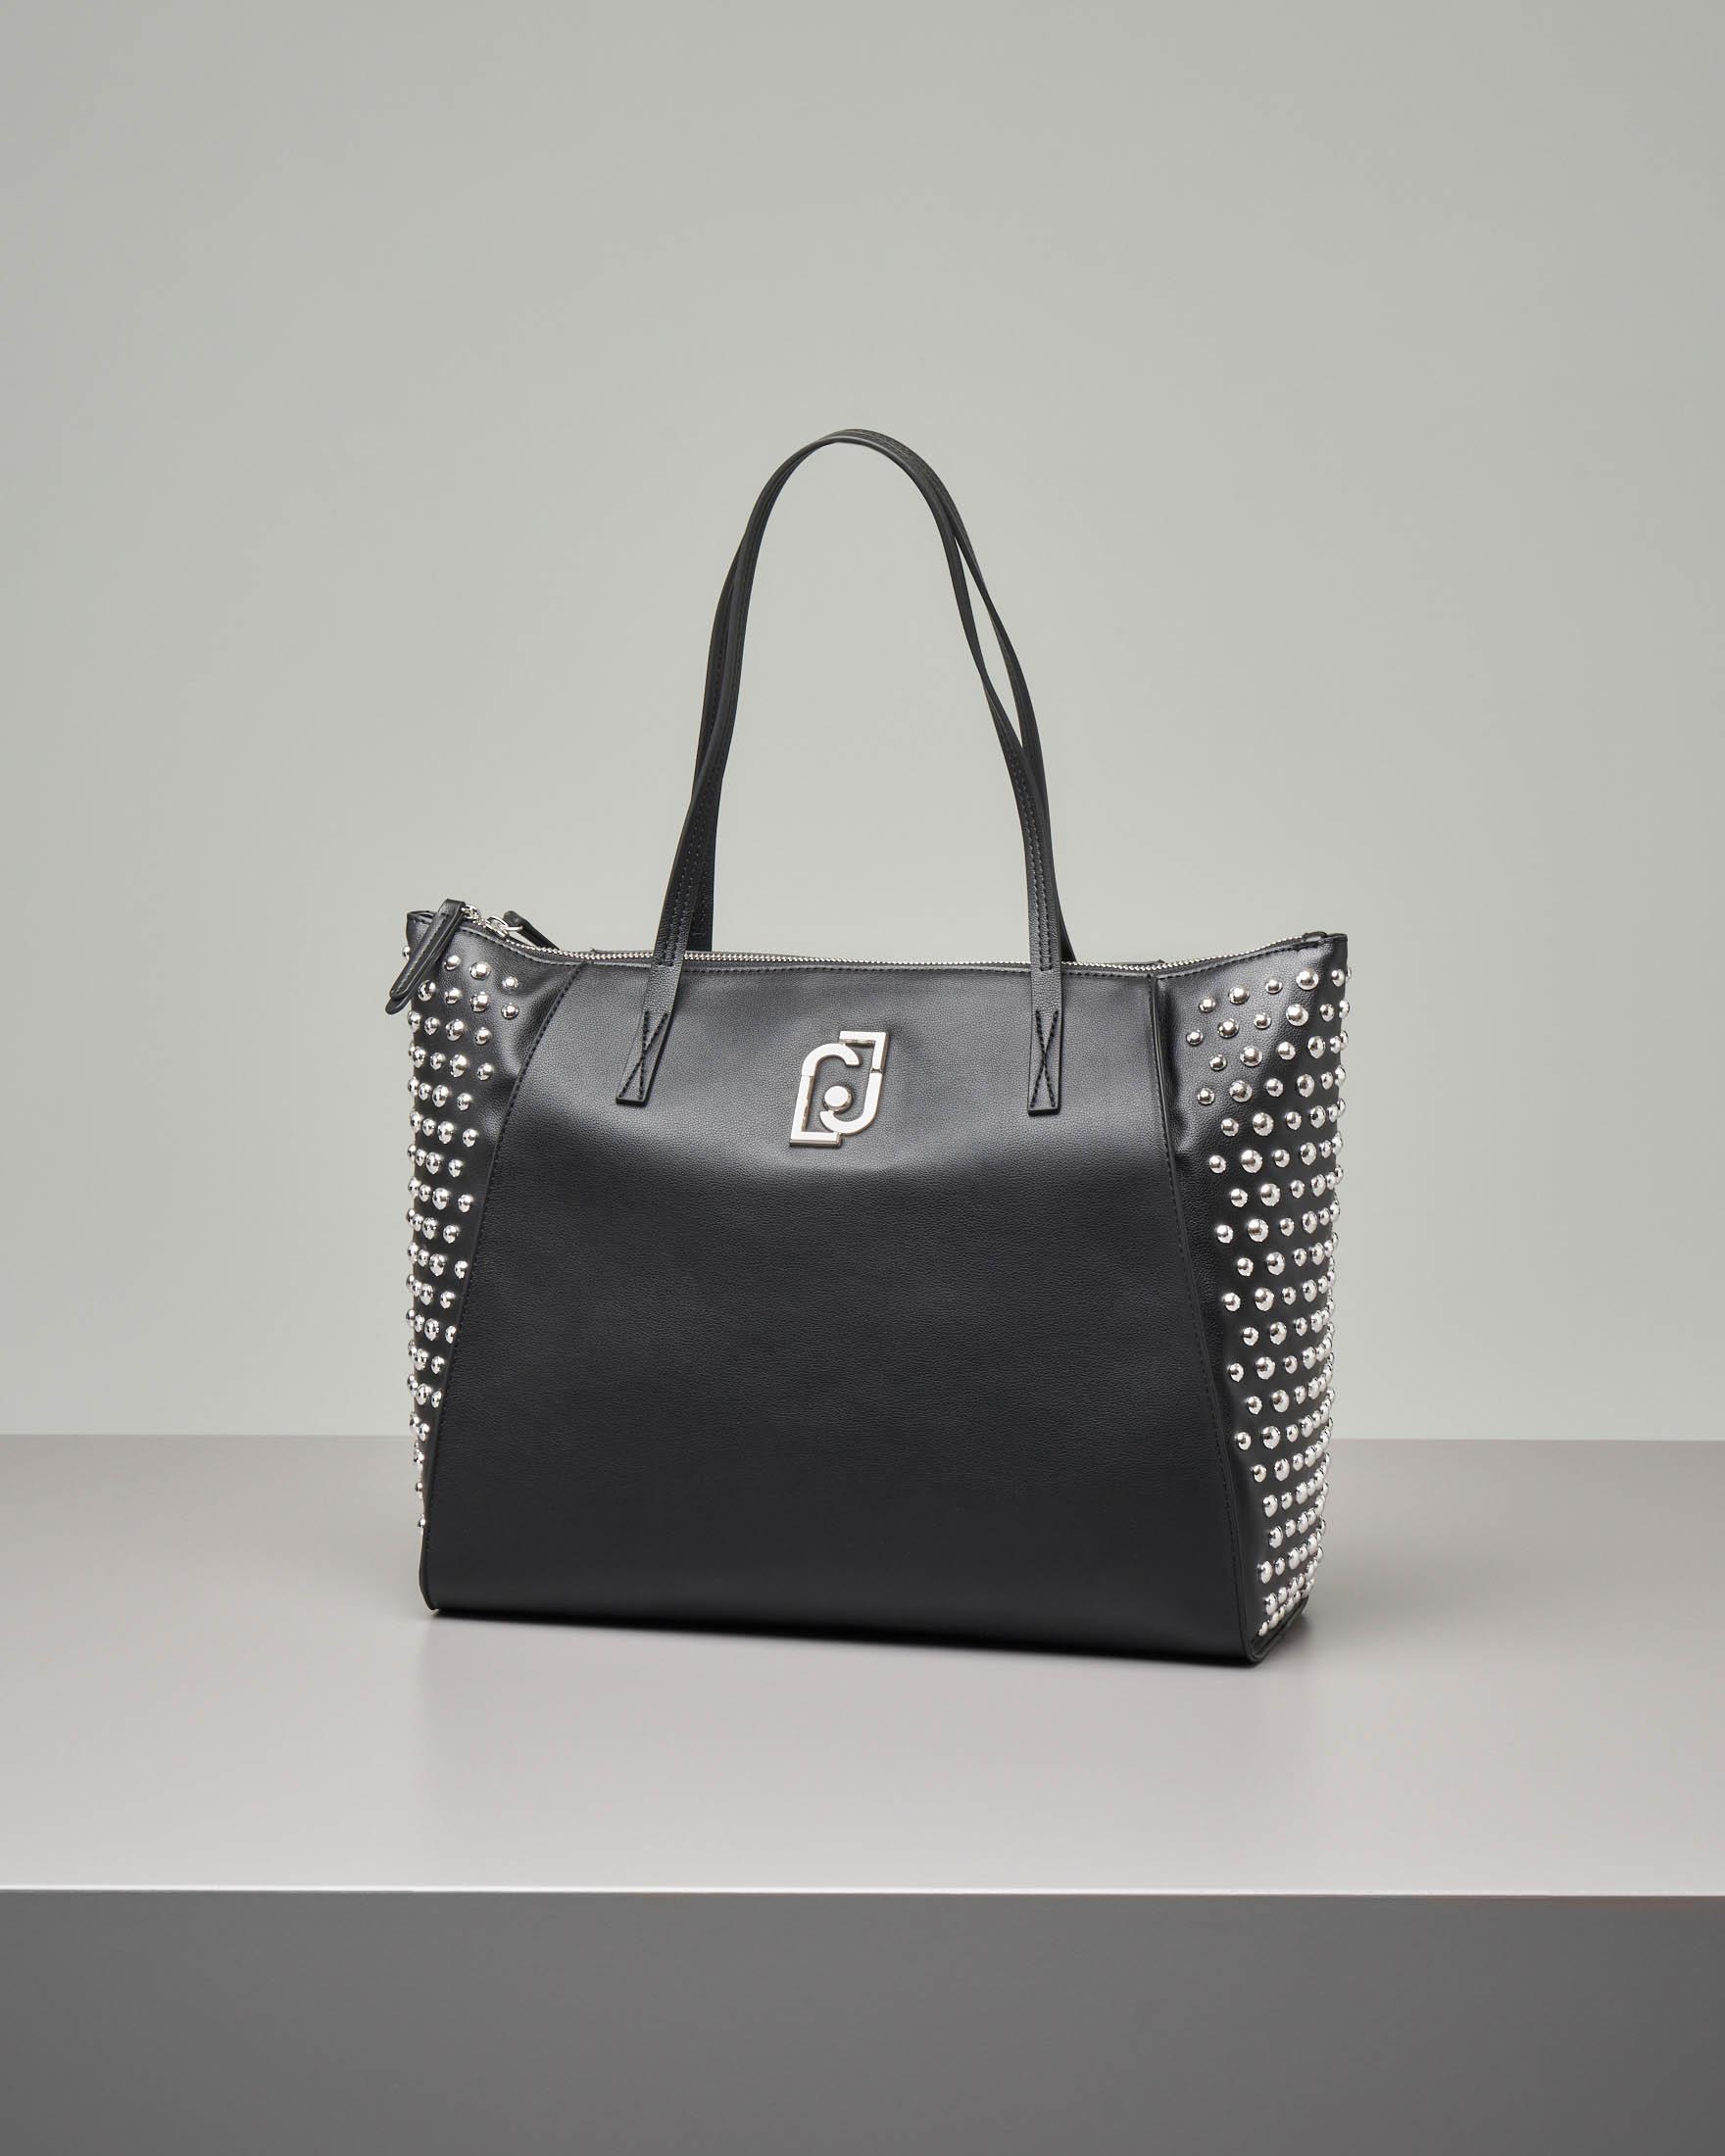 Shopping bag nera misura grande in ecopelle effetto liscio con borchie tonde argento applicate sui lati